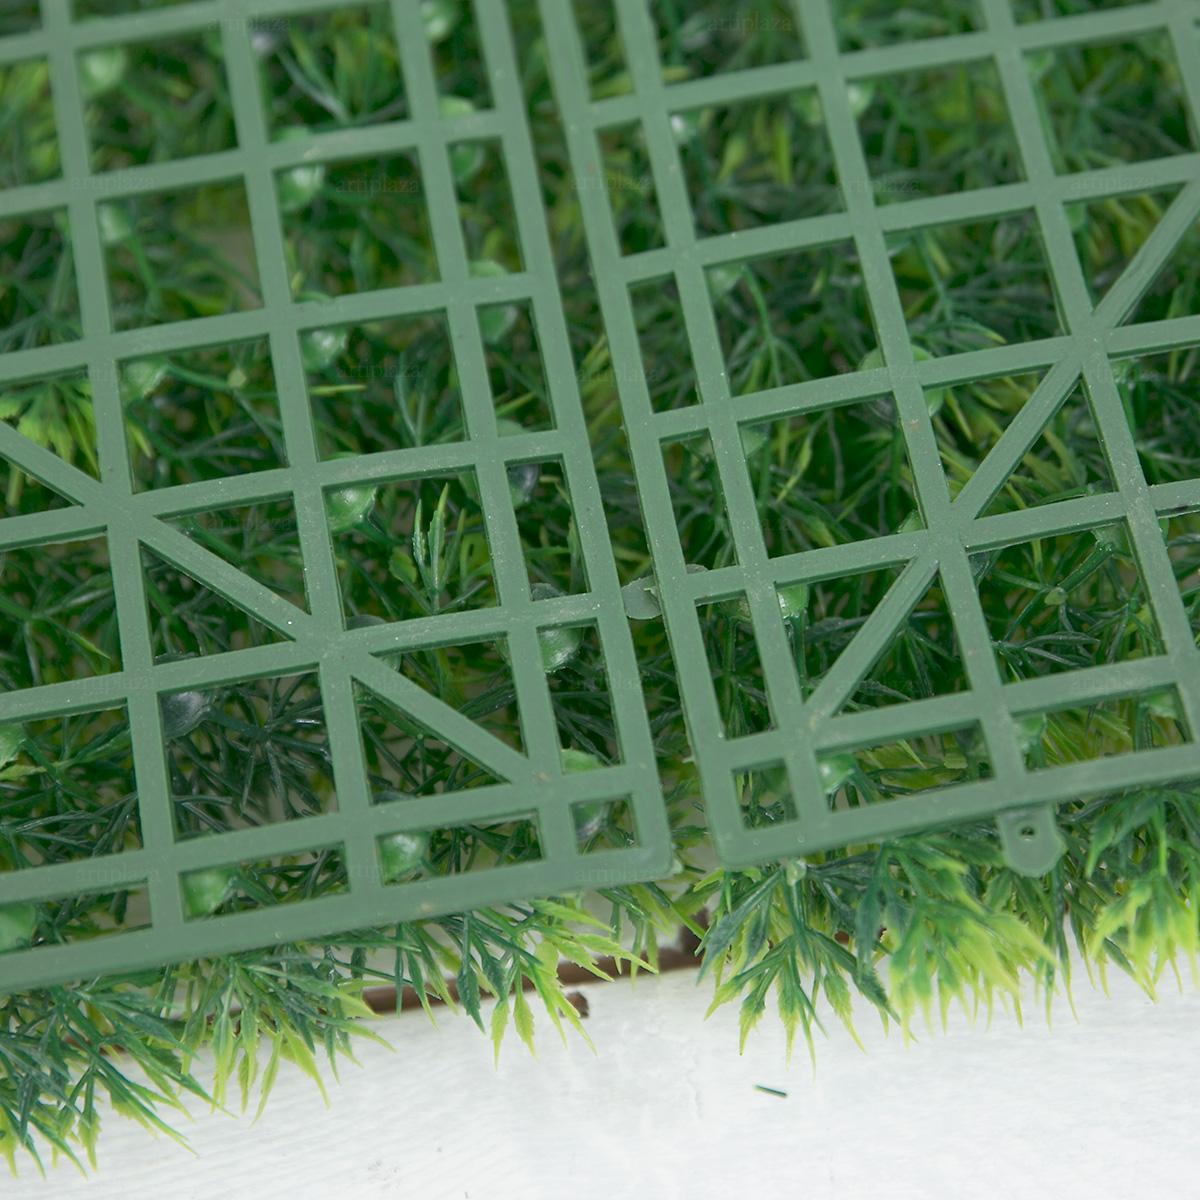 촘촘잔디매트 인조잔디 조화 꽃 조경 인테리어 도매 - 아티플라자, 3,800원, 조화, 리스/가랜드